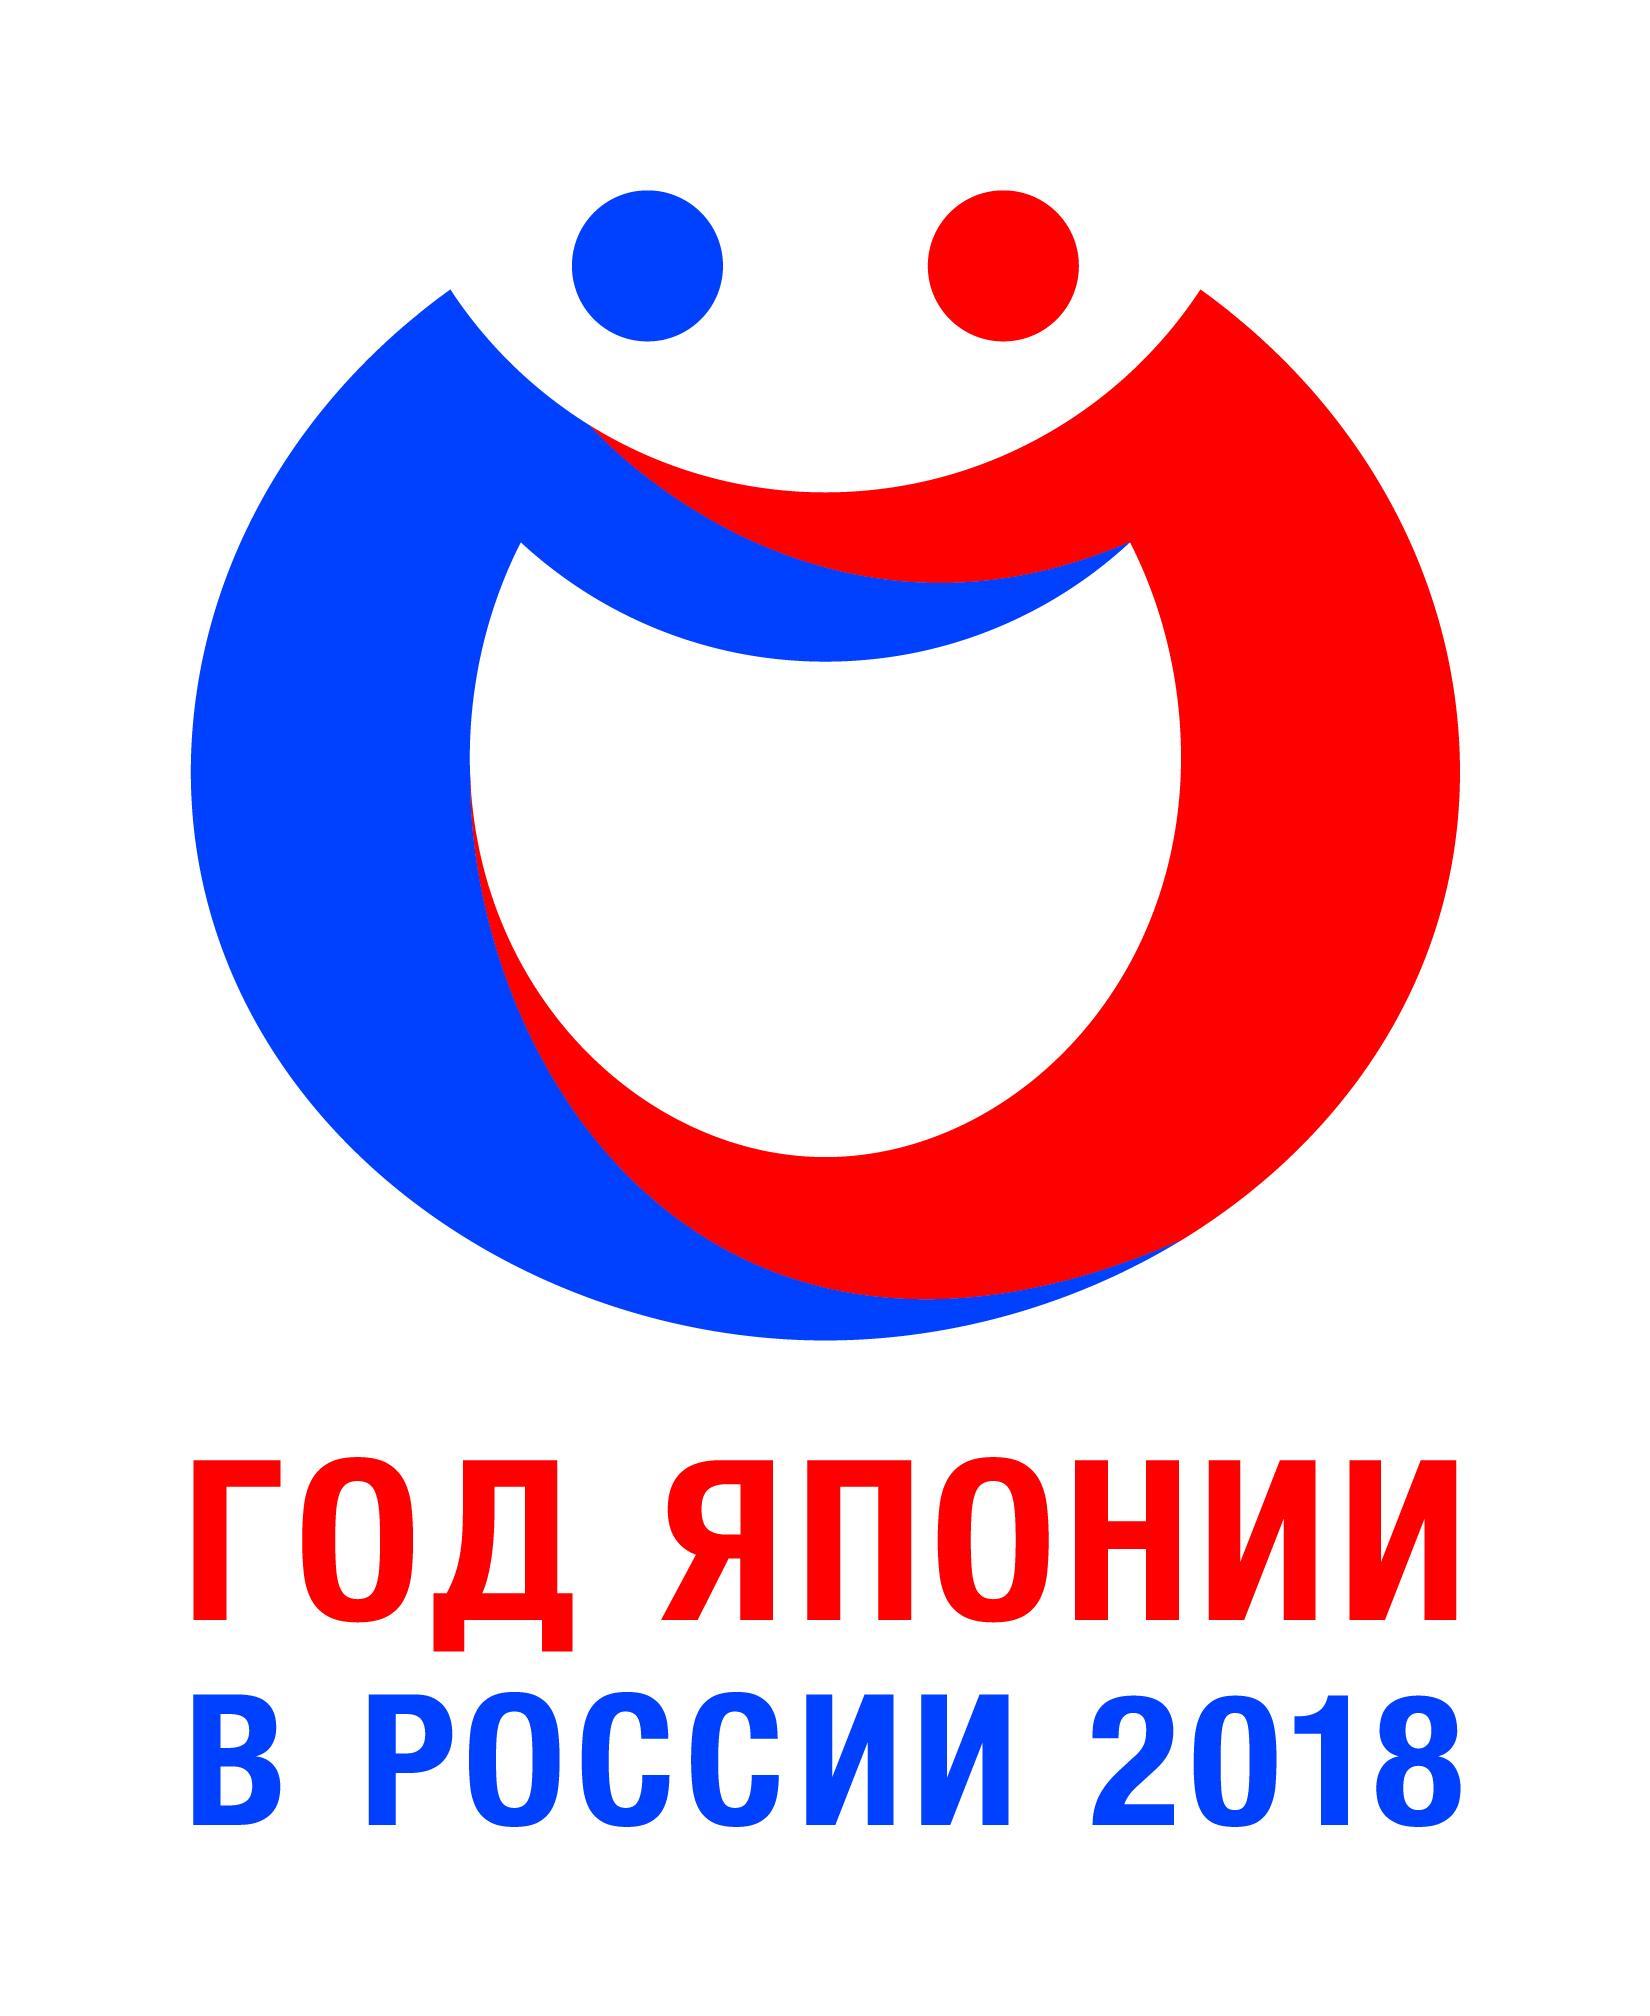 ロシアにおける日本年 ロゴ